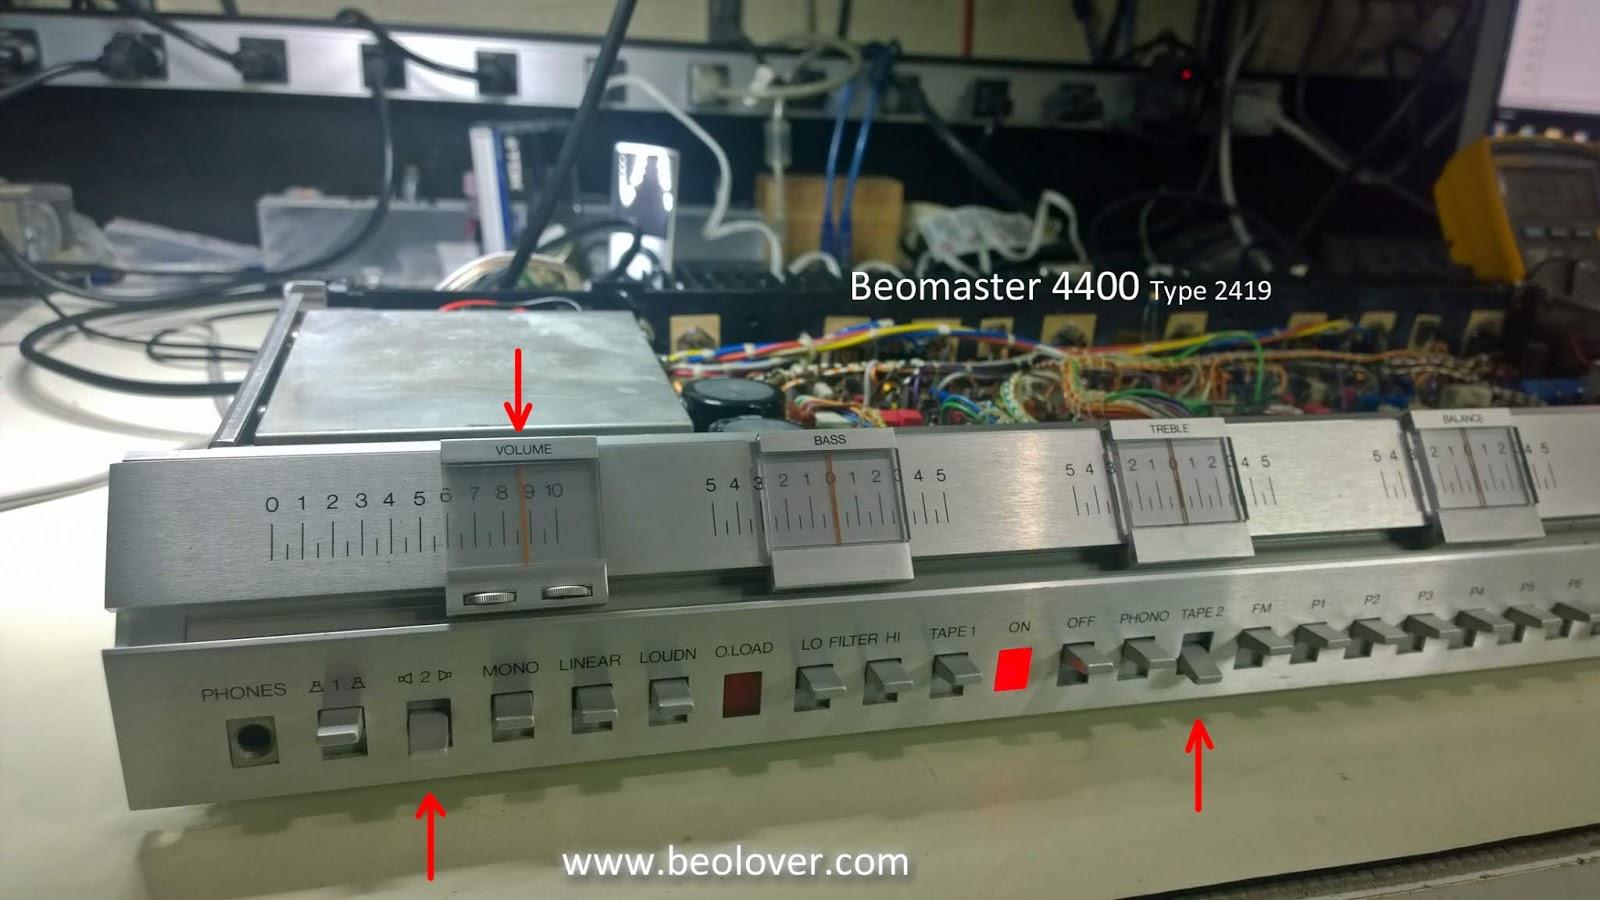 Bang & olufsen b & o beomaster 4400 type 2417 a2460 service manual.